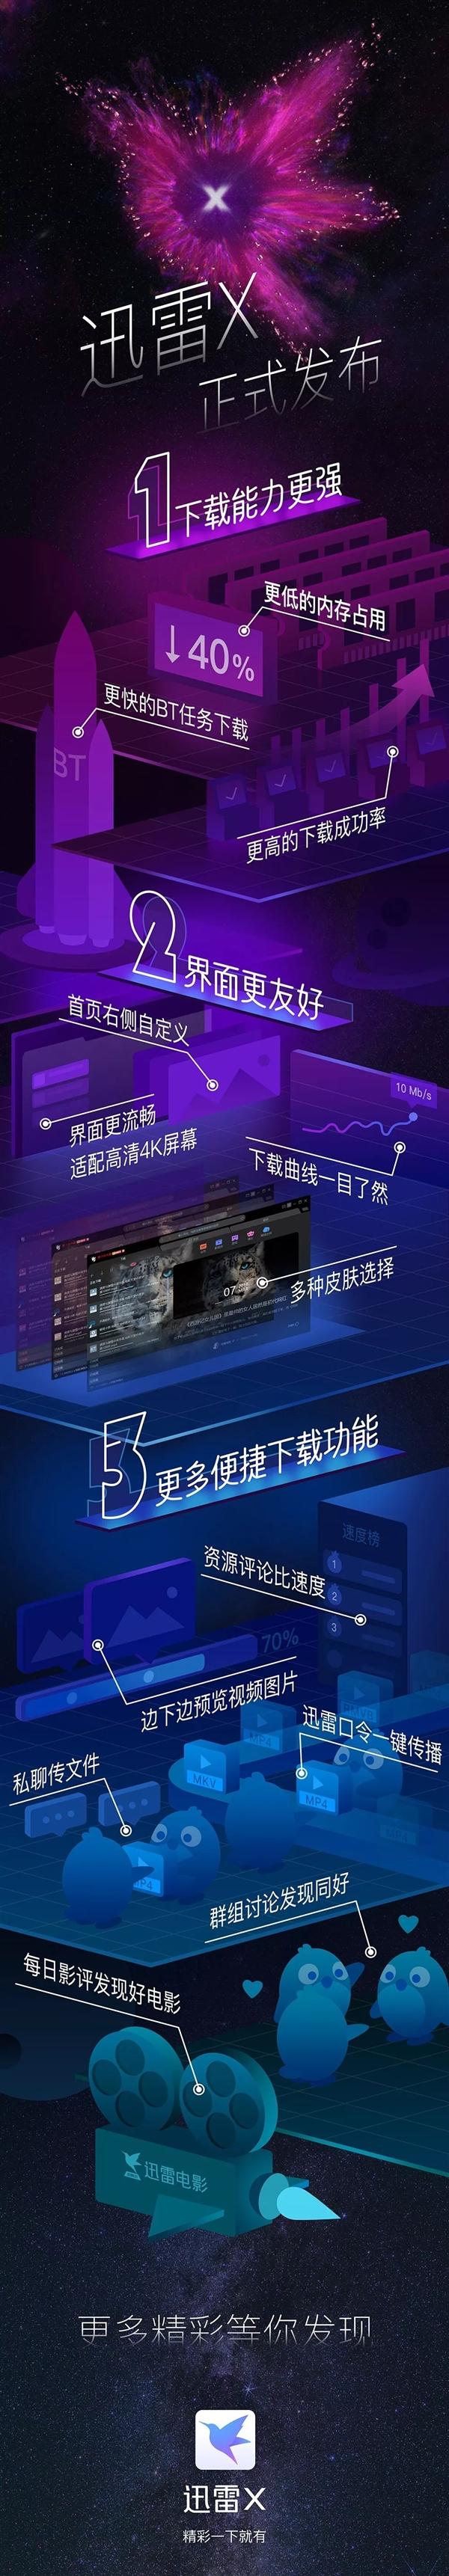 迅雷X 10.1.25.602正式版发布的照片 - 3